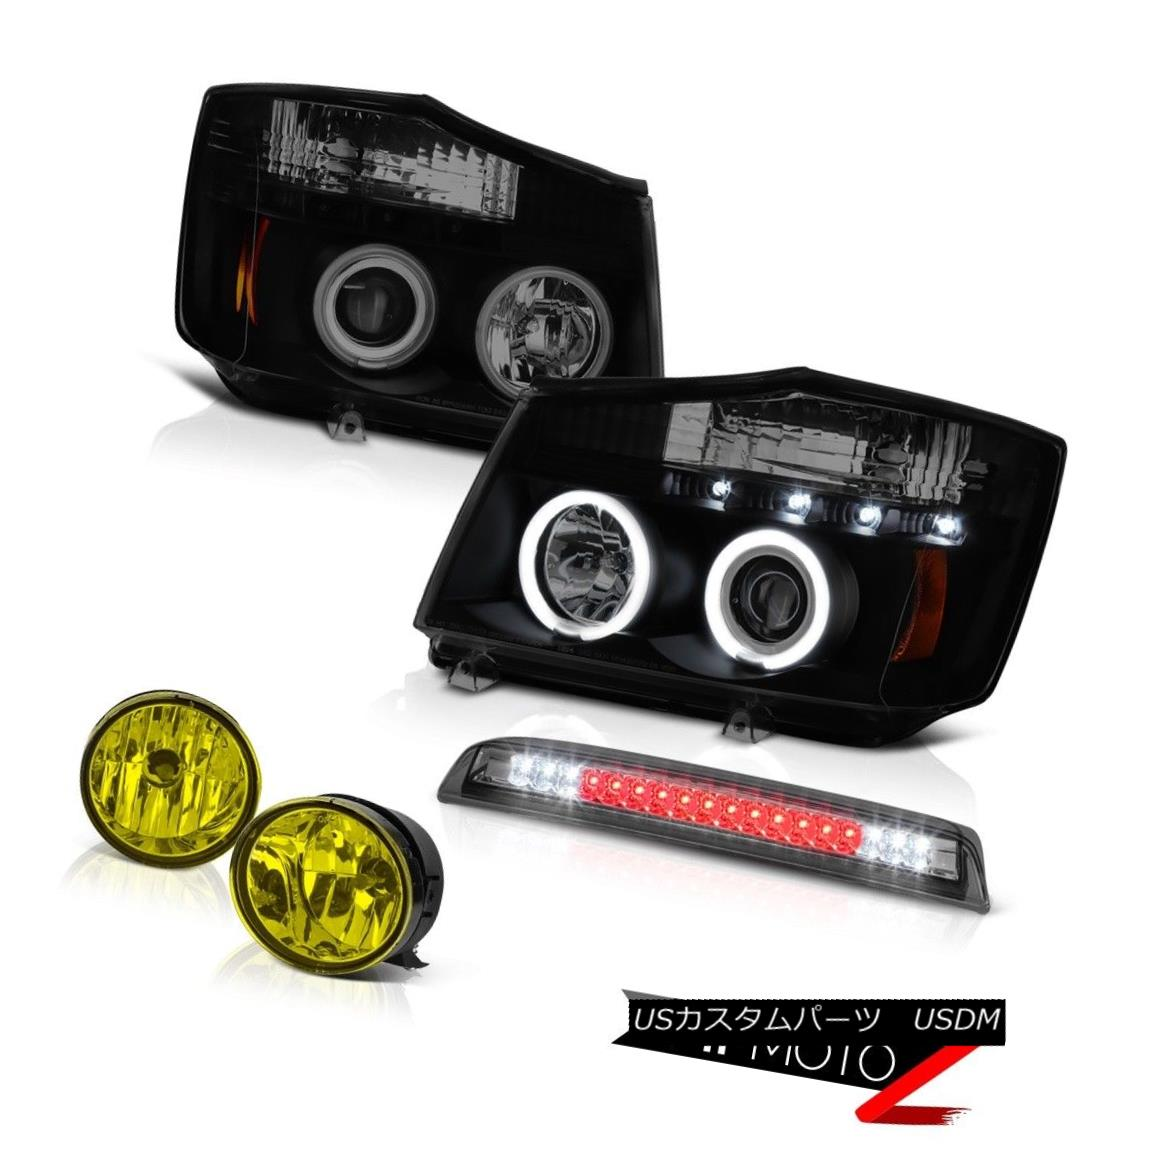 ヘッドライト For 2004-2015 Titan BRIGHT CCFL Ring Headlight Yellow Fog Tinted Roof Brake LED 2004年?2015年Titan BRIGHT CCFLリングヘッドライトイエローフォグティンテッドルーフブレーキLED